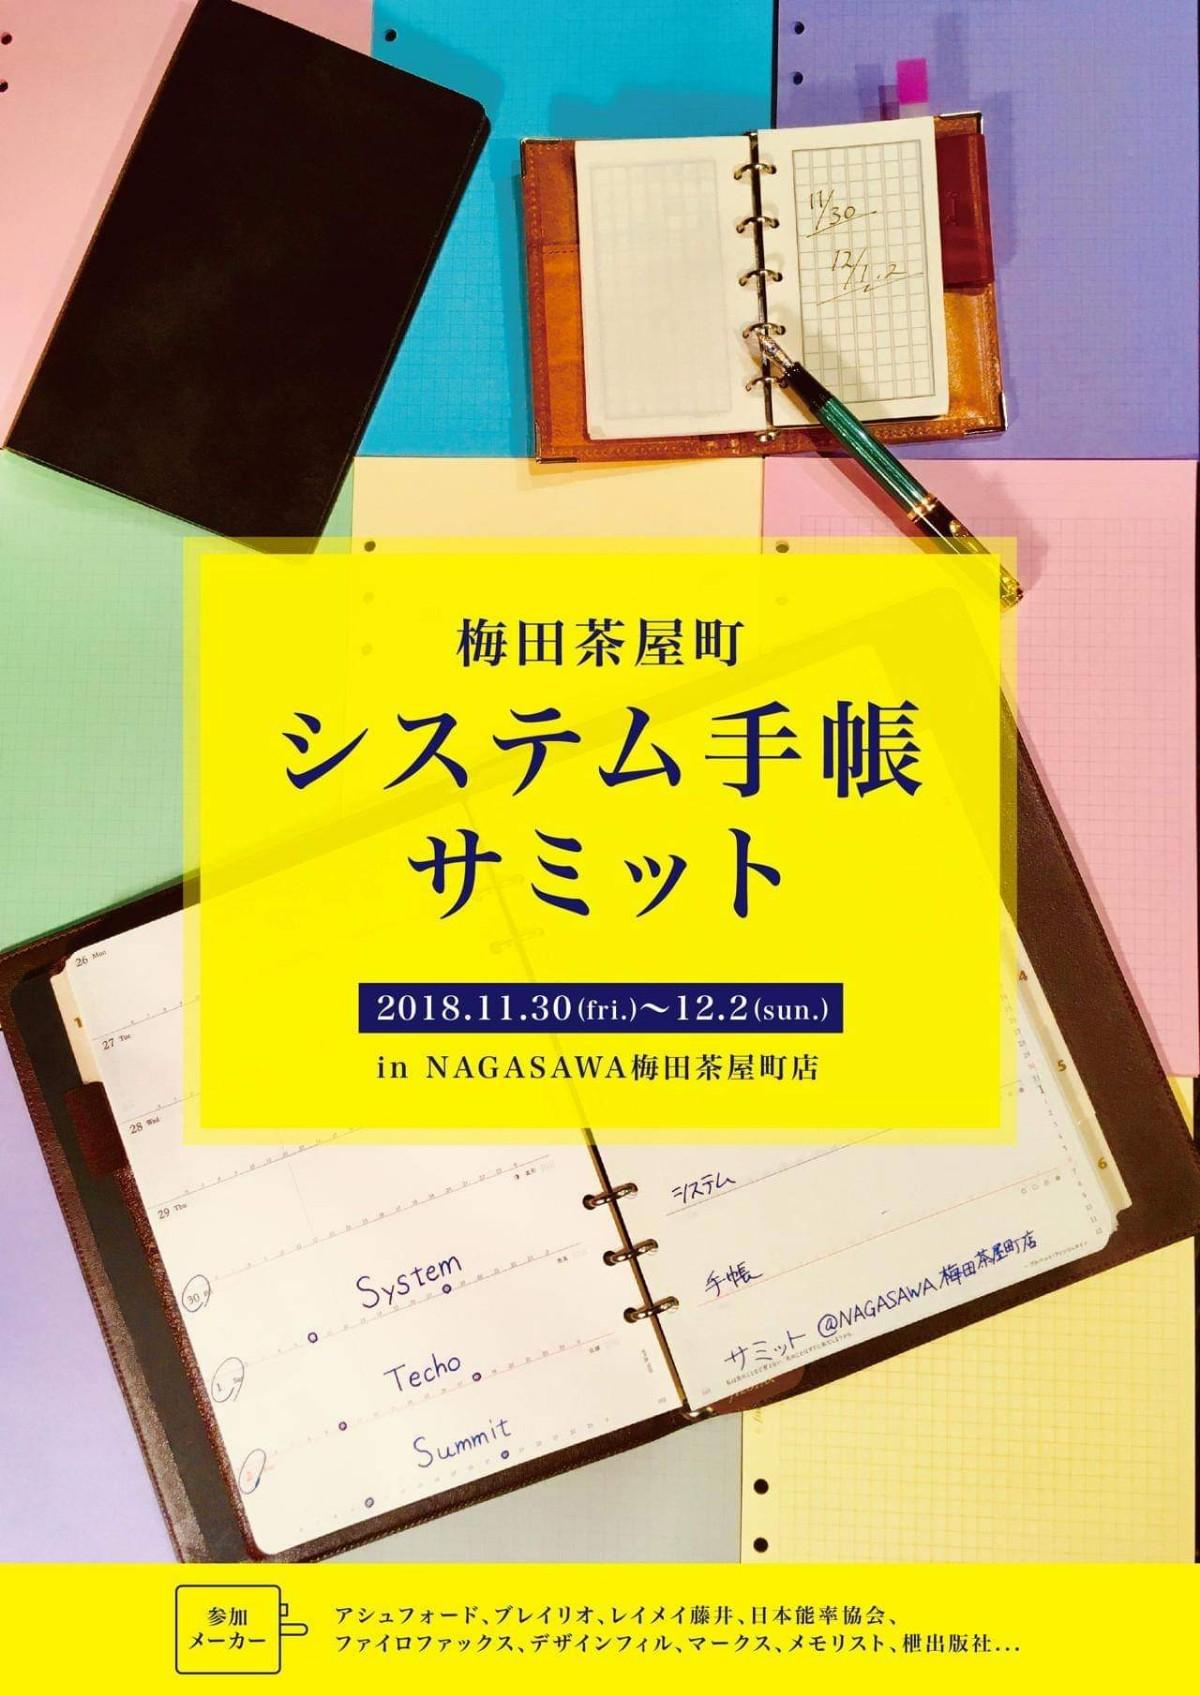 【梅田茶屋町店】システム手帳愛用の方必見のイベント!システム手帳がもっと好きになる!!